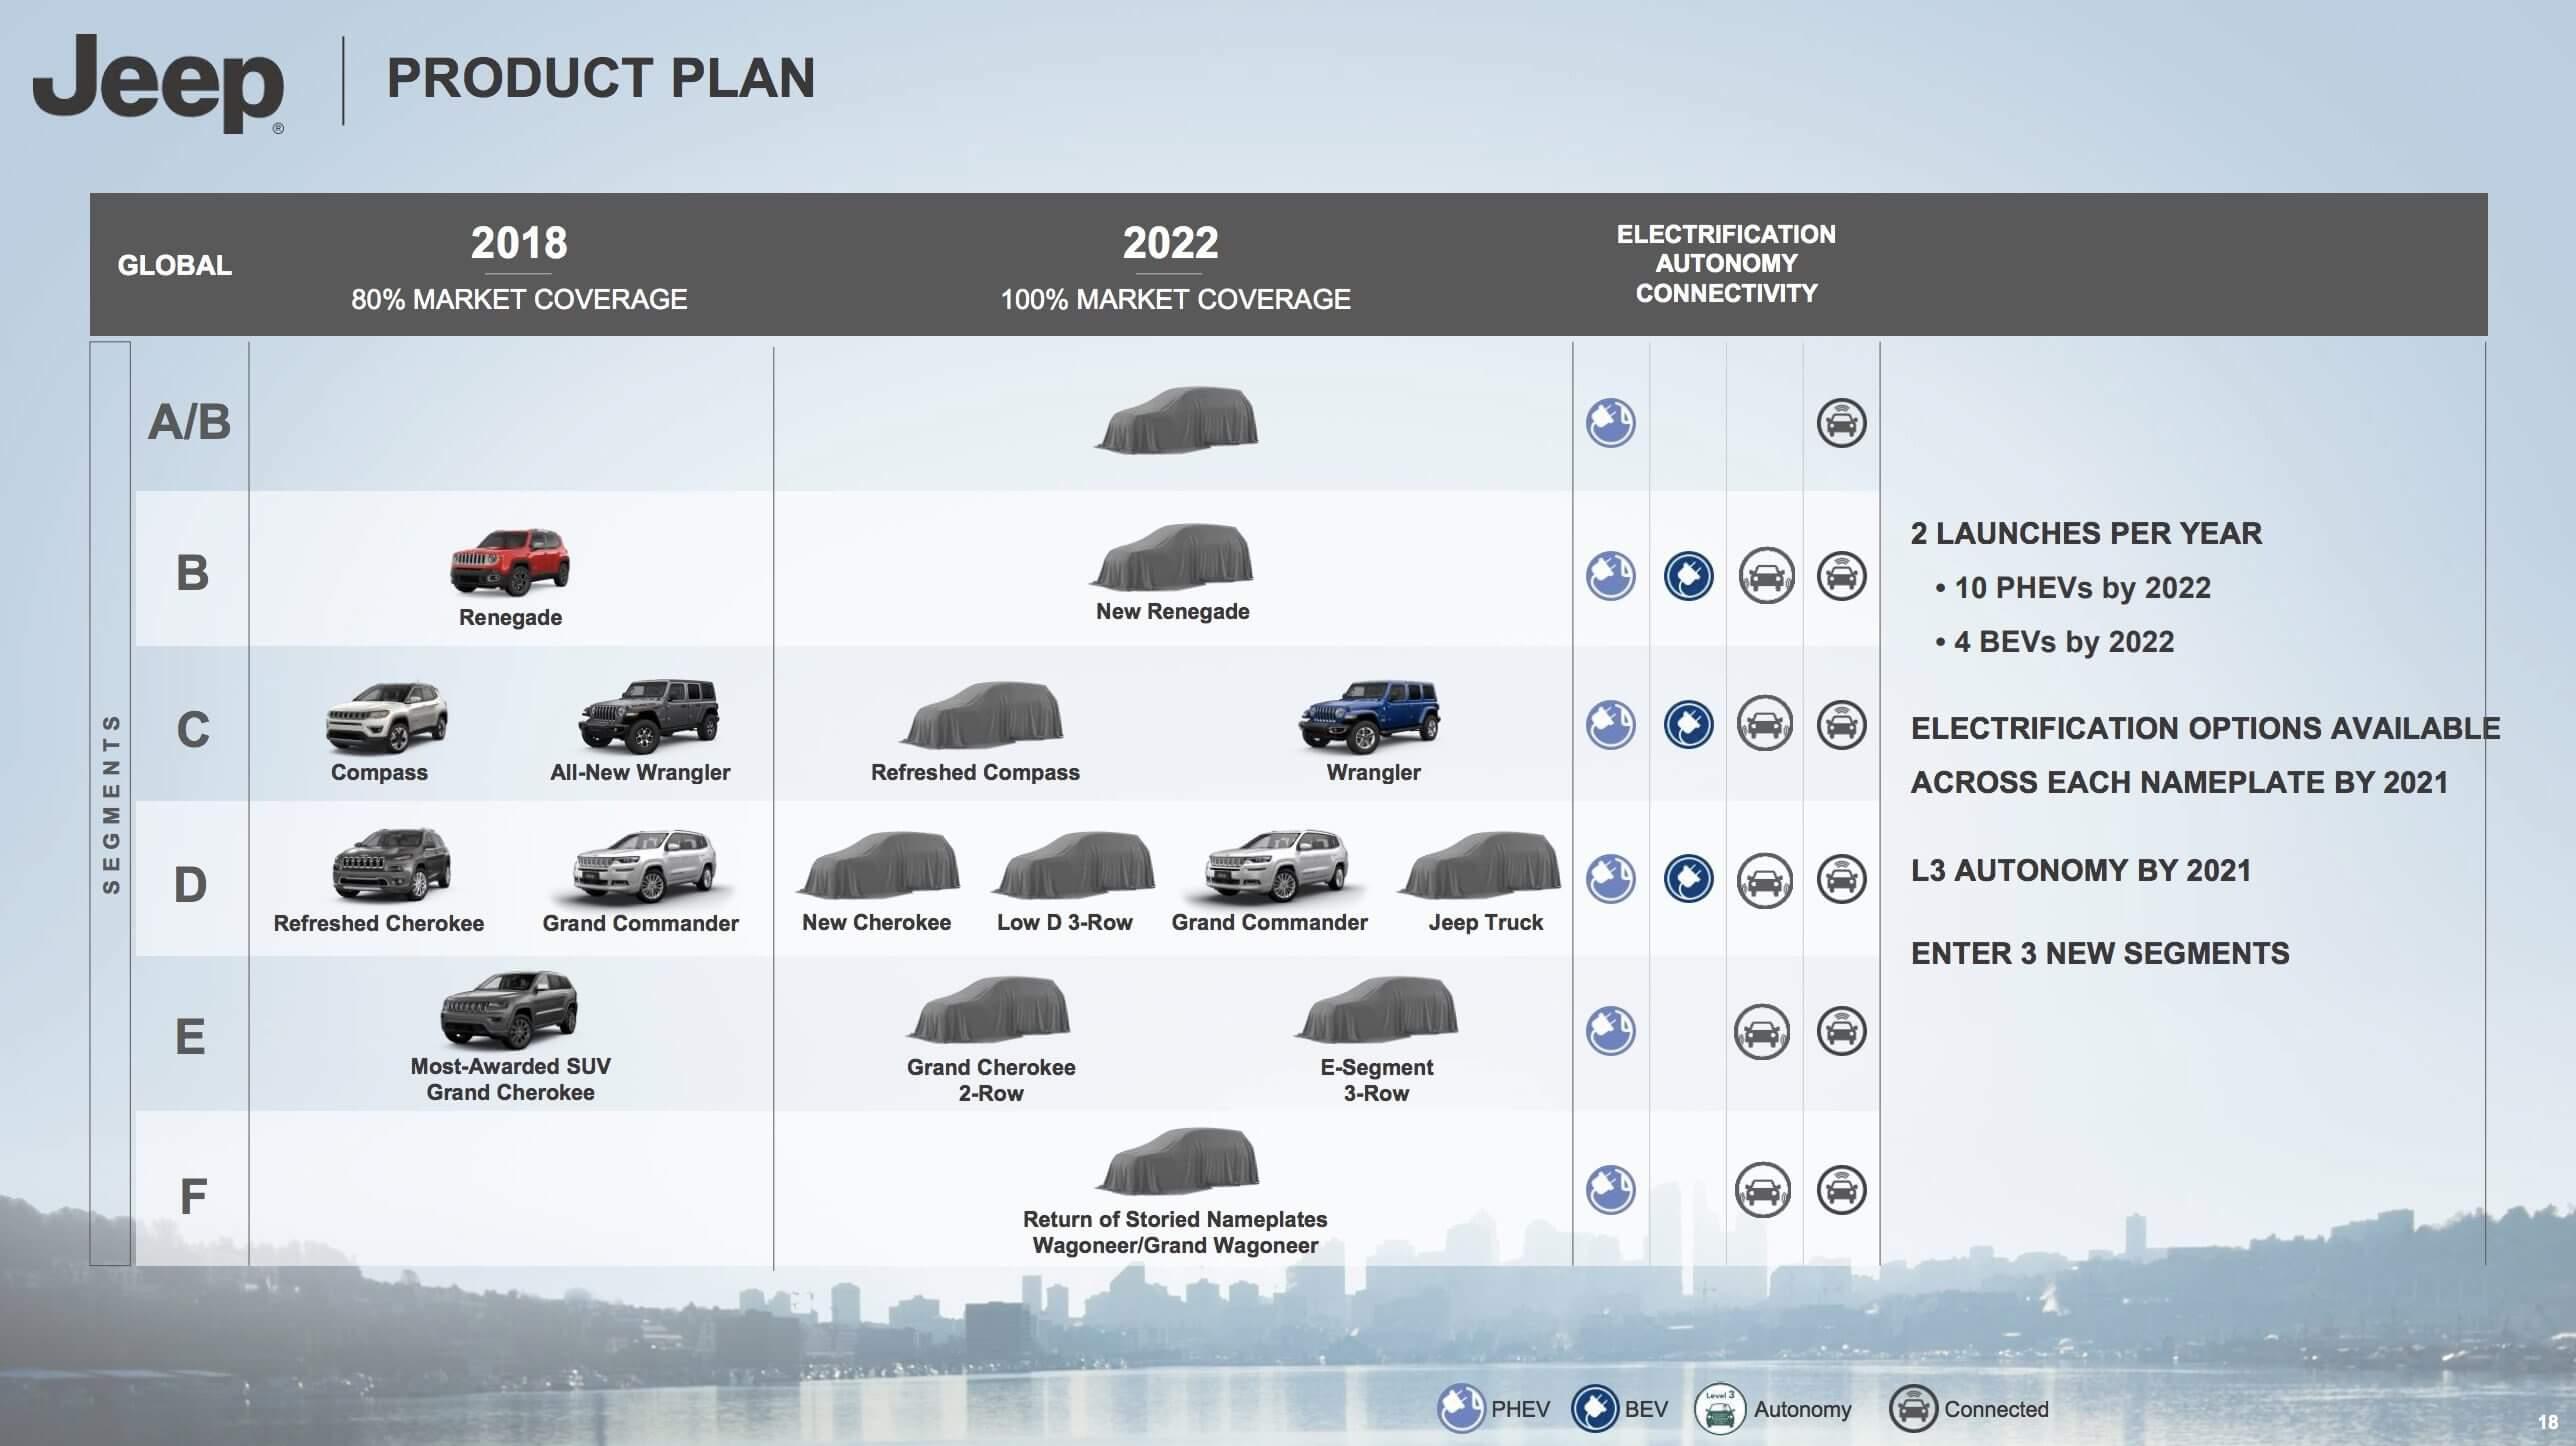 Запланированный к выпуску модельный ряд Jeep